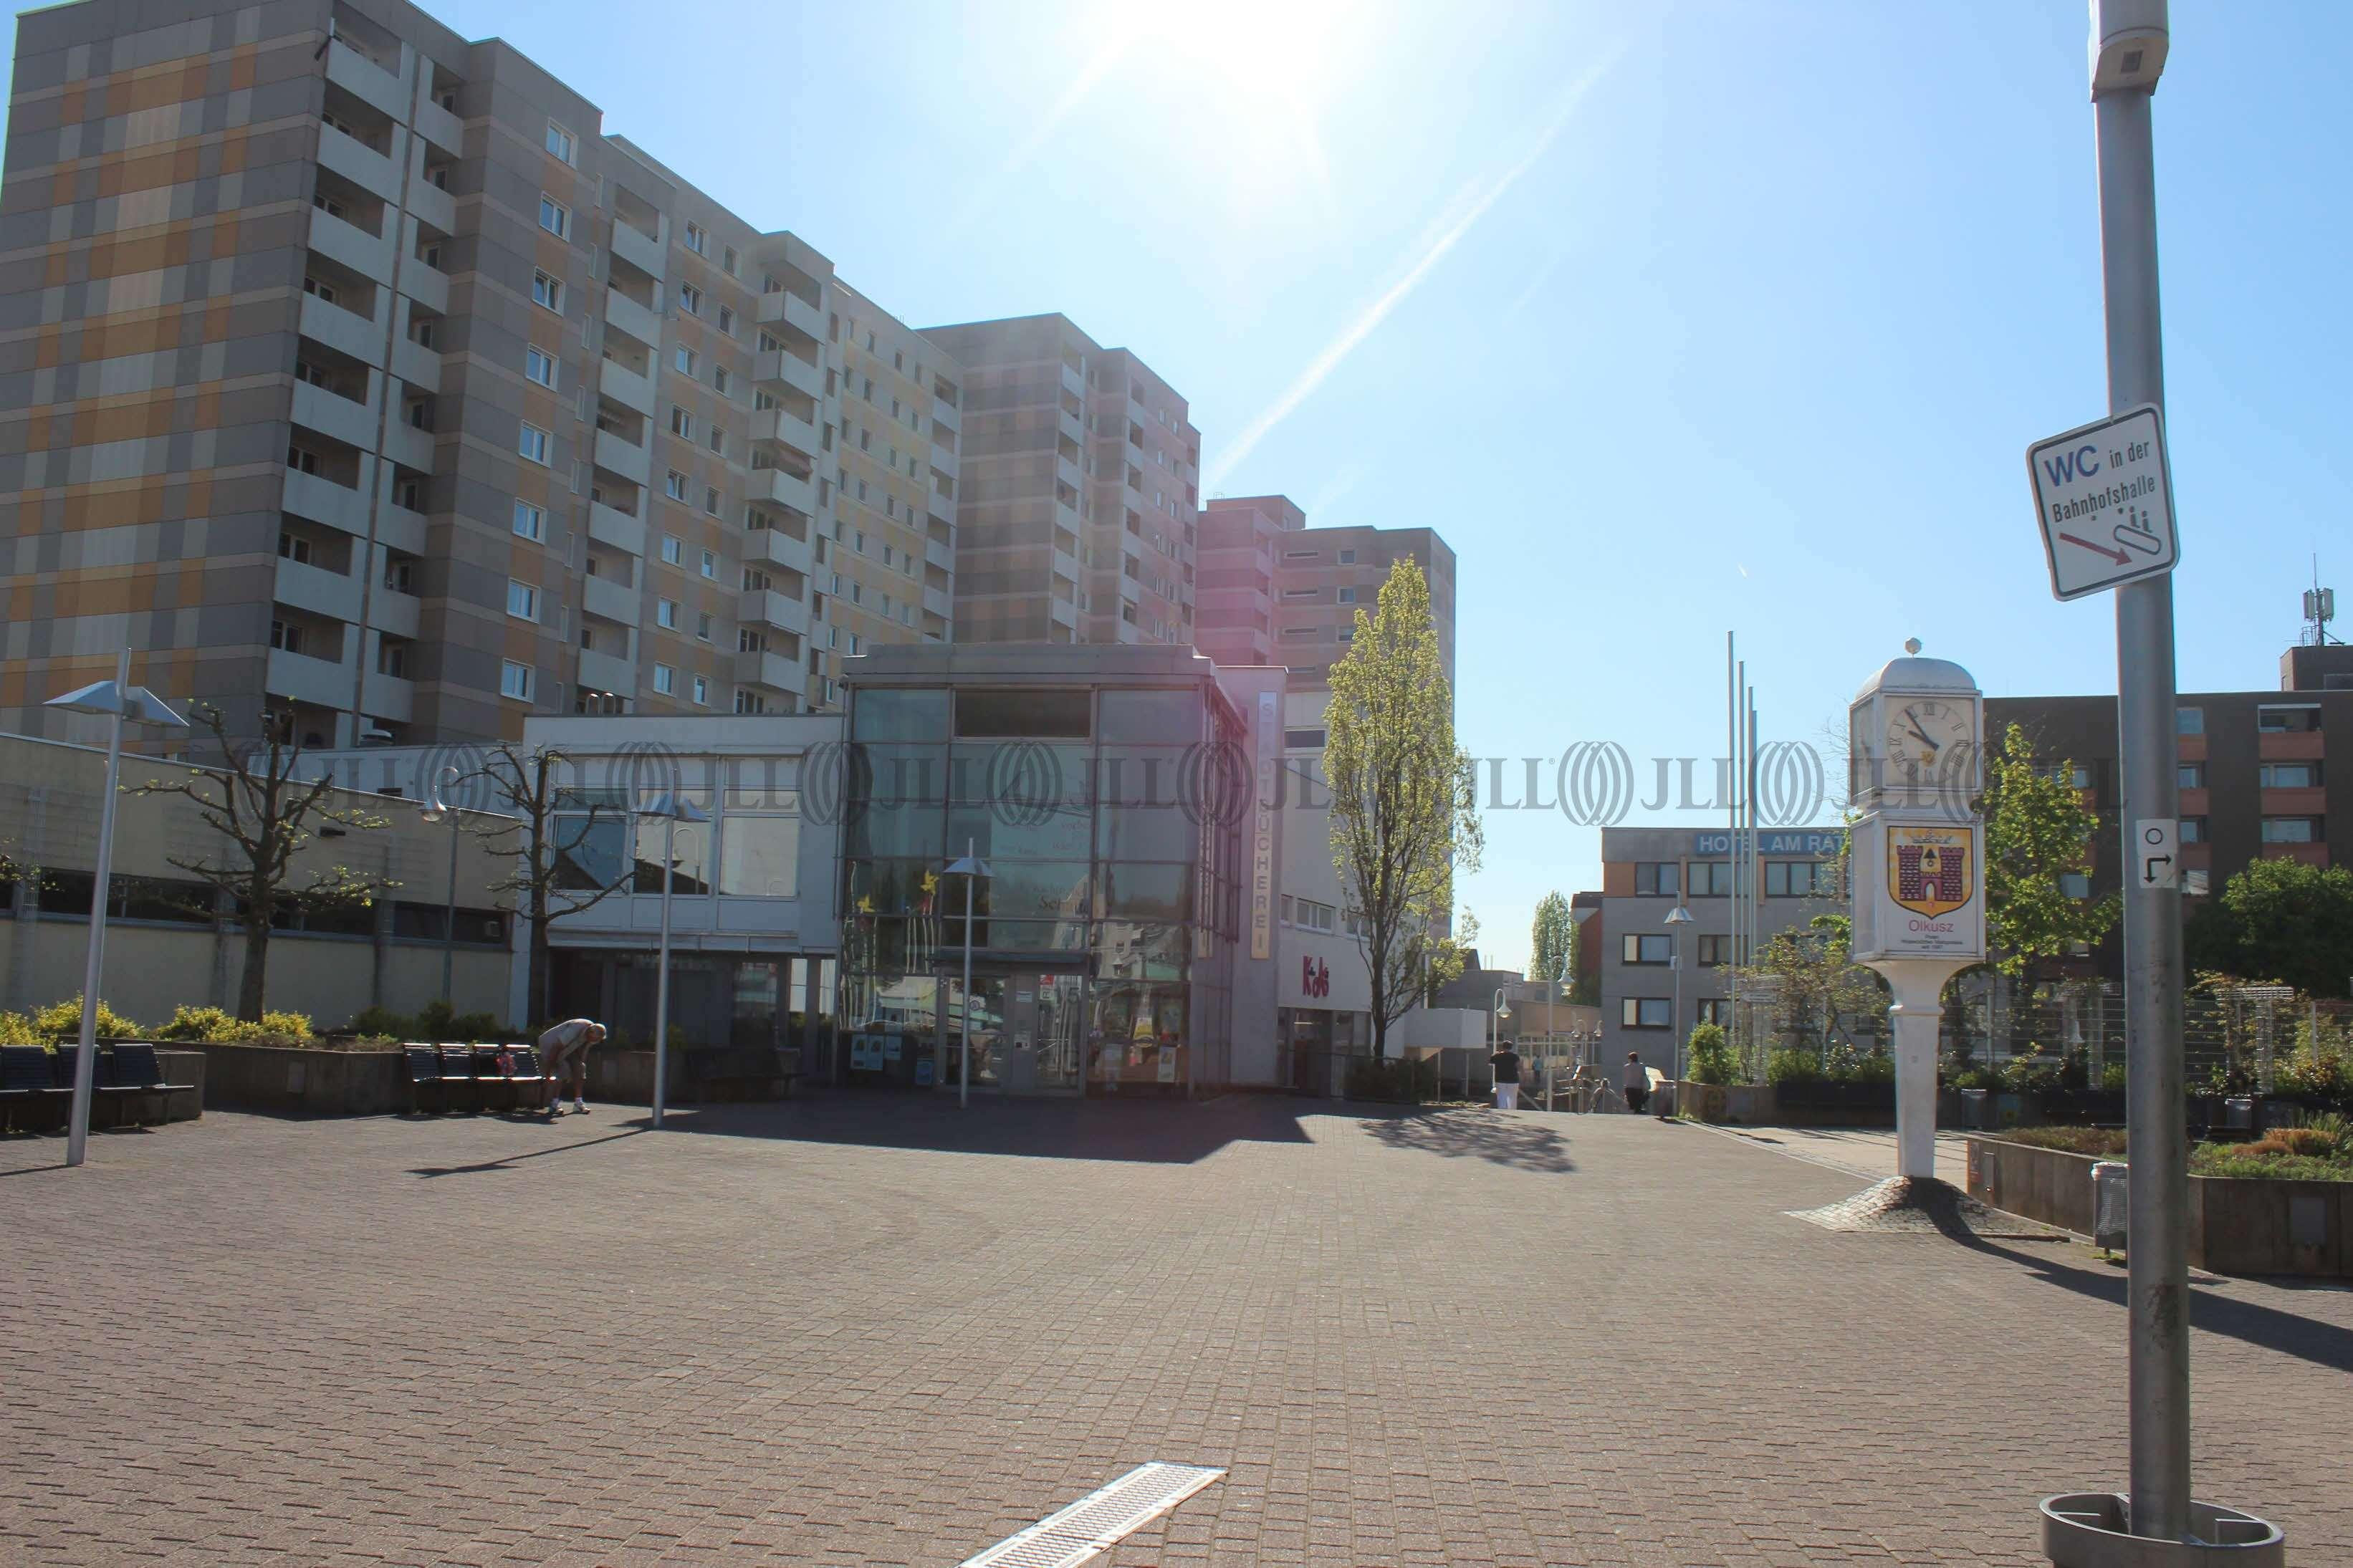 Ladenflächen Schwalbach am taunus, 65824 - Ladenfläche - Schwalbach am Taunus, Zentrum - E0793 - 9586420